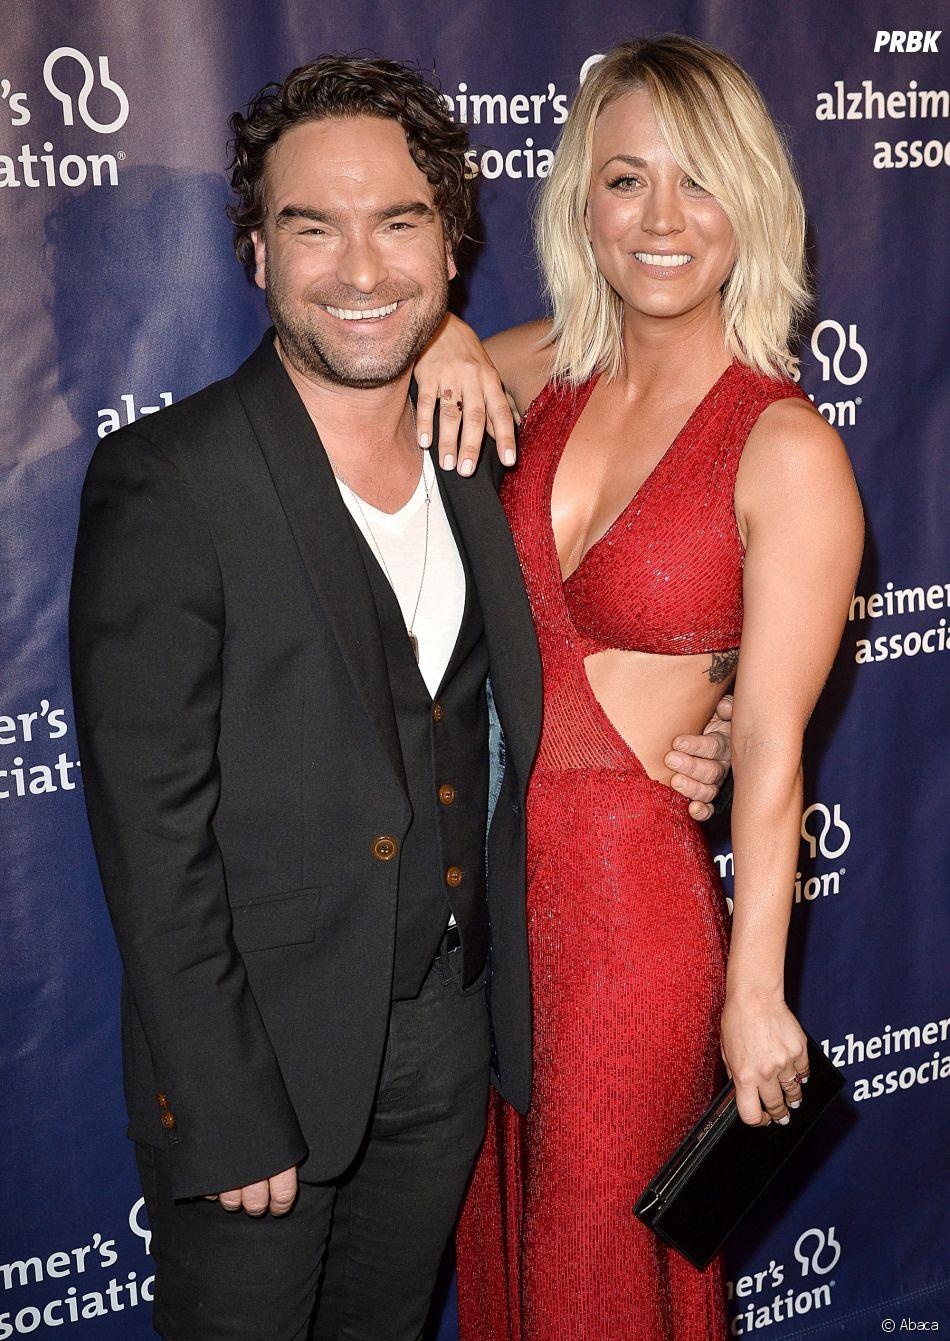 Ces couples formés sur le tournage d'un série : Johnny Galecki et Kaley Cuoco de The Big Bang Theory